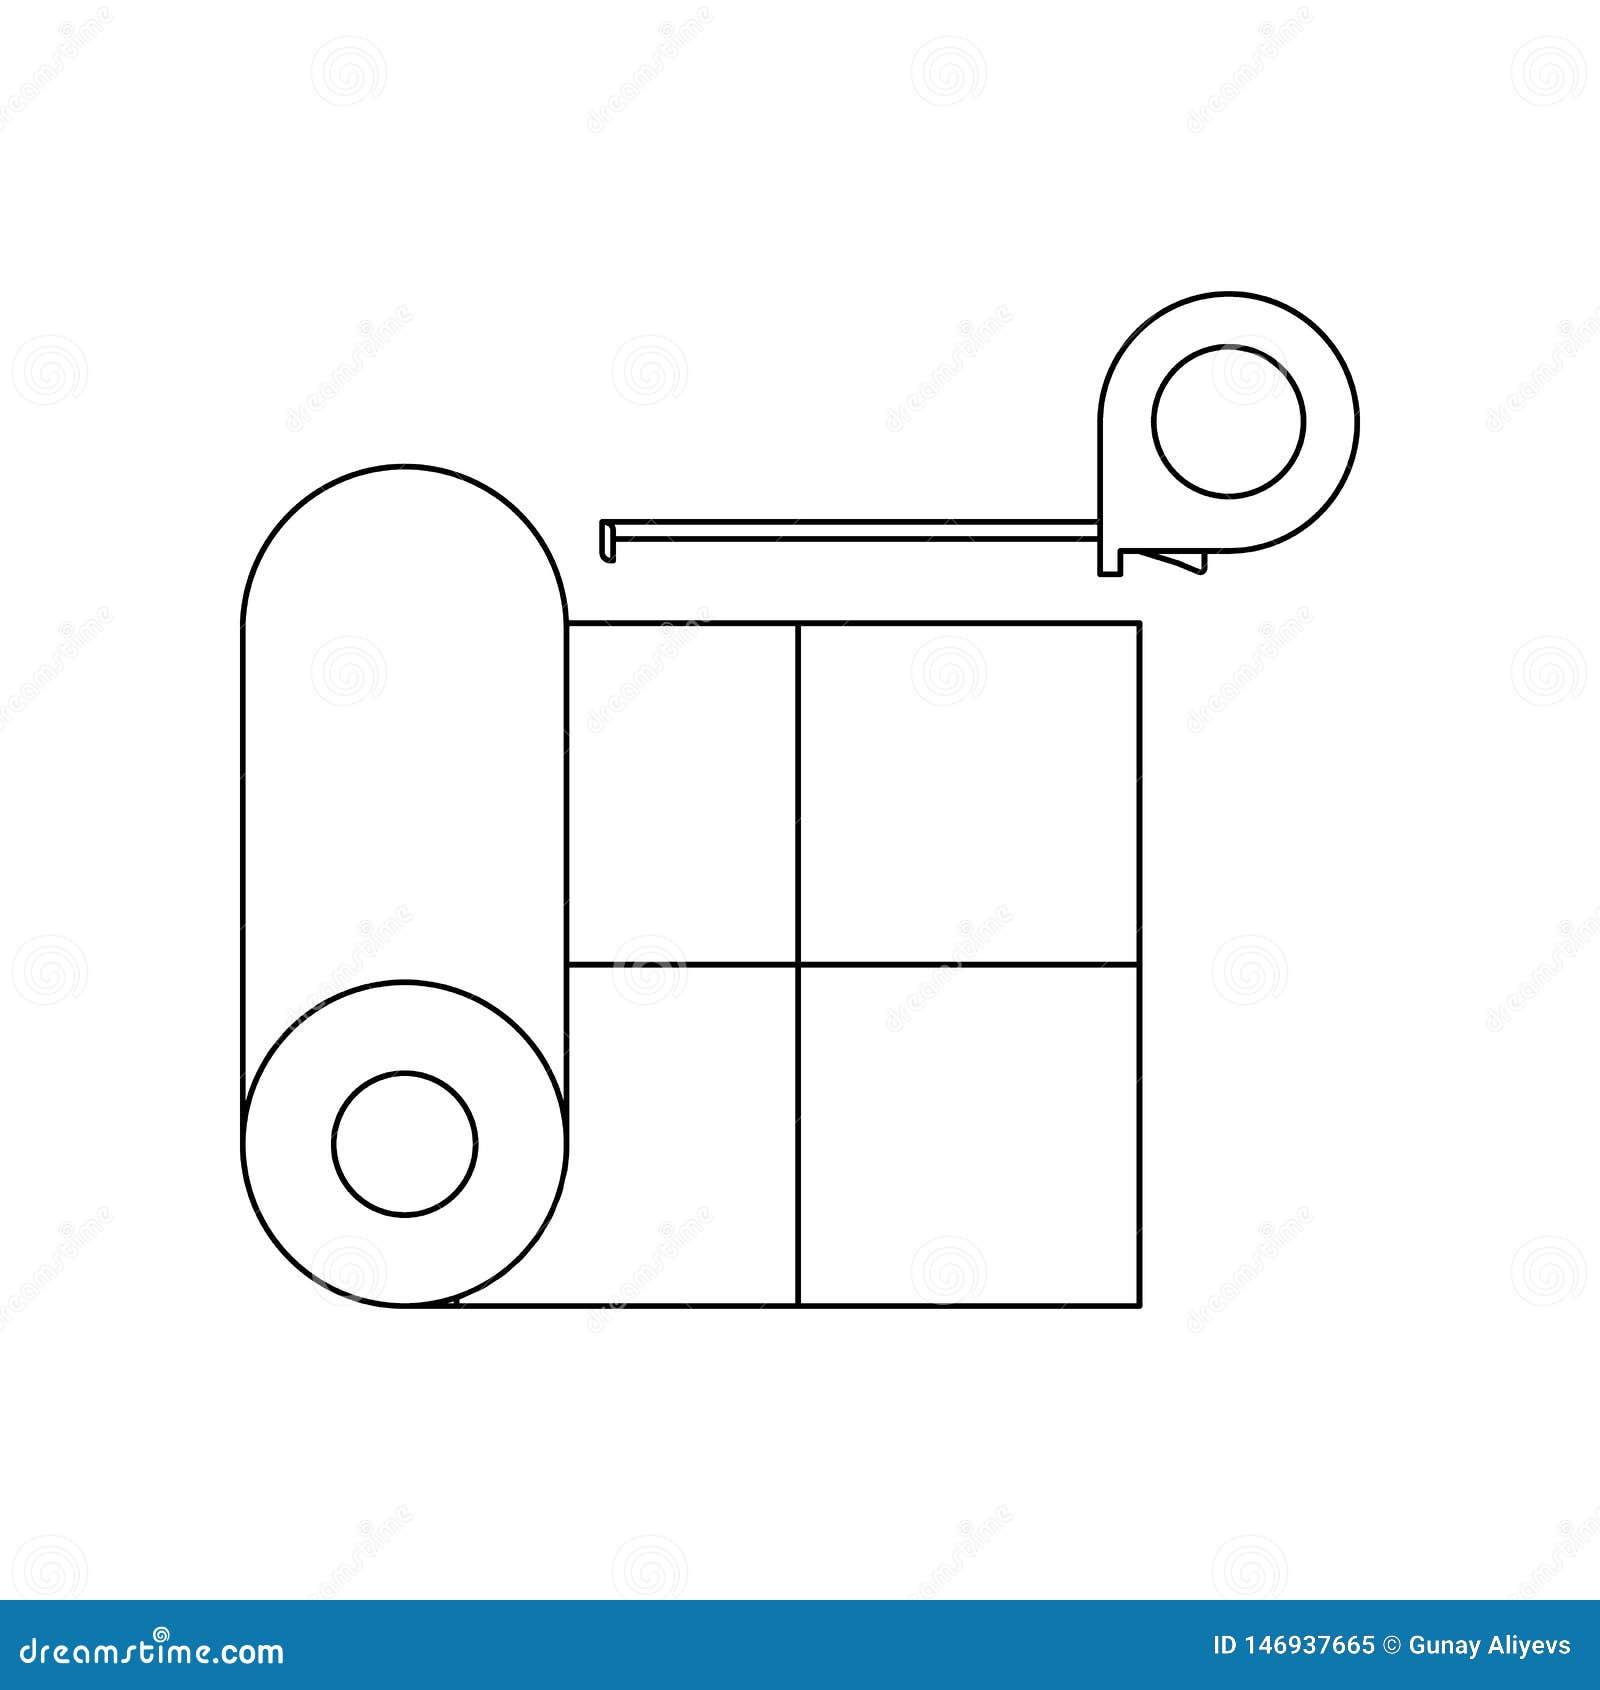 Farblinoleum und Ma?band Ikone Element von Bauwerkzeugen f?r bewegliches Konzept und Netz Appsikone Entwurf, d?nne Linie Ikone